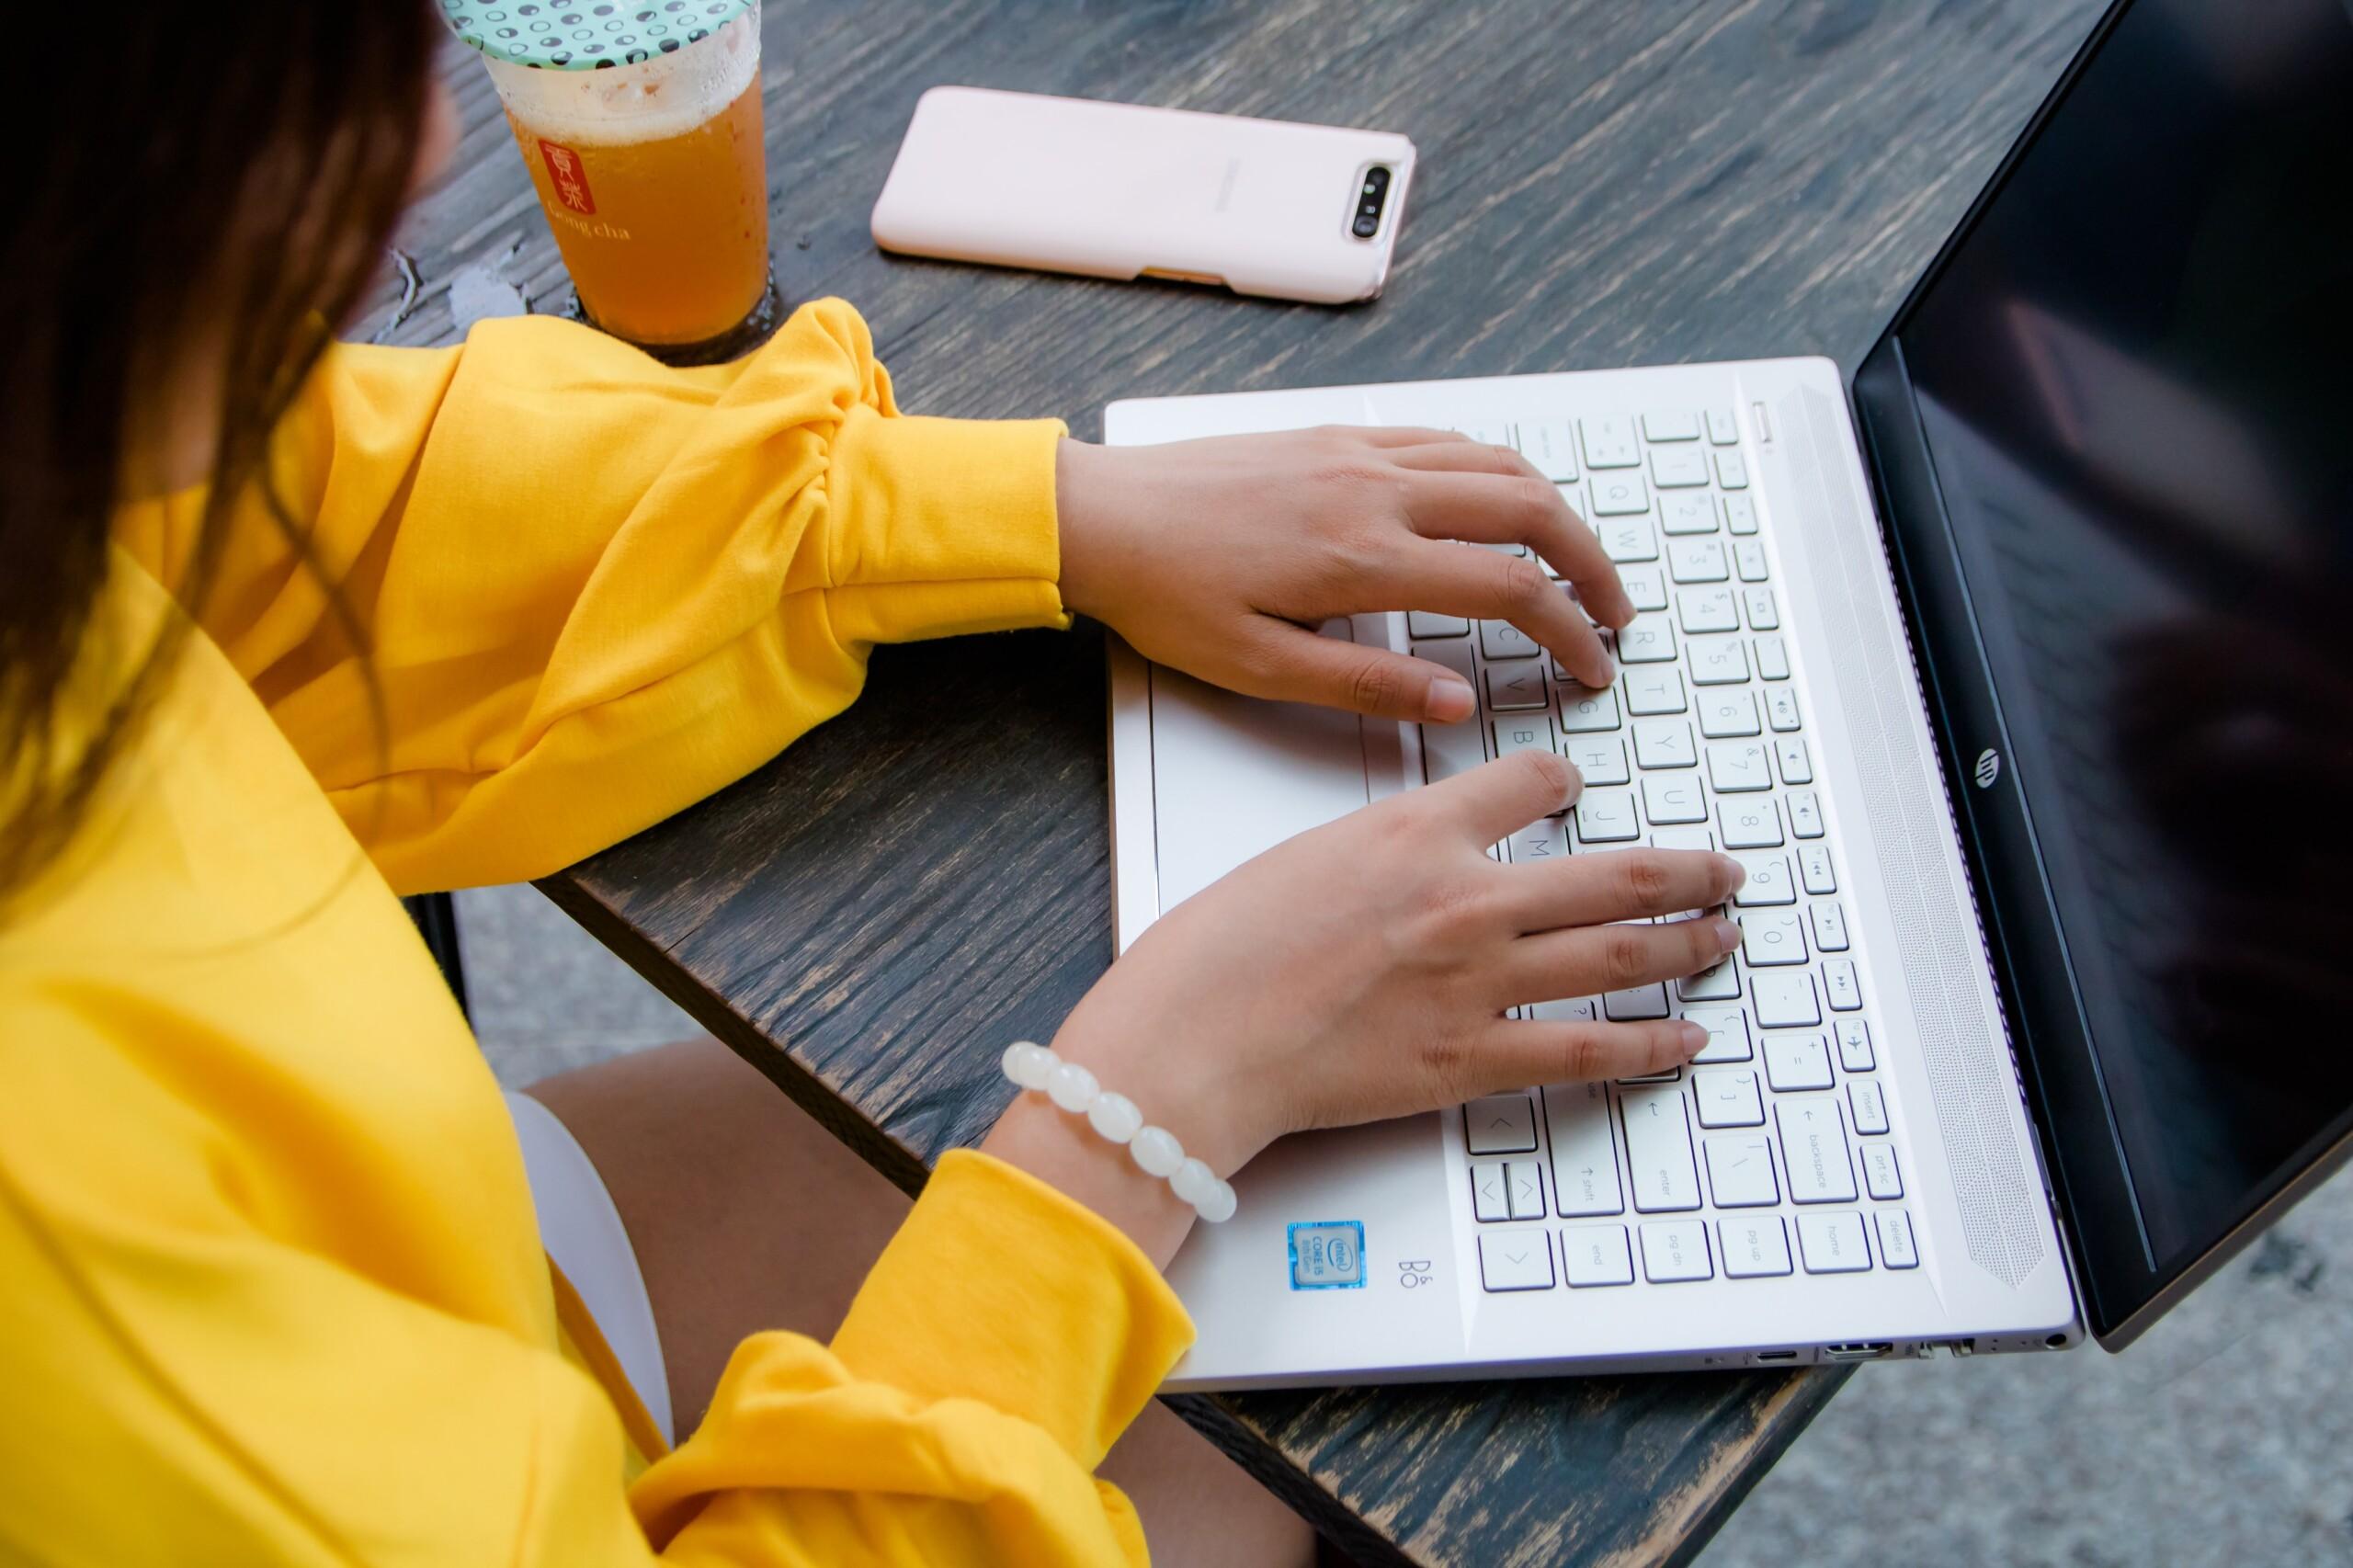 Những mẫu laptop dưới 15 triệu tốt nhất 2020 được ưa thích